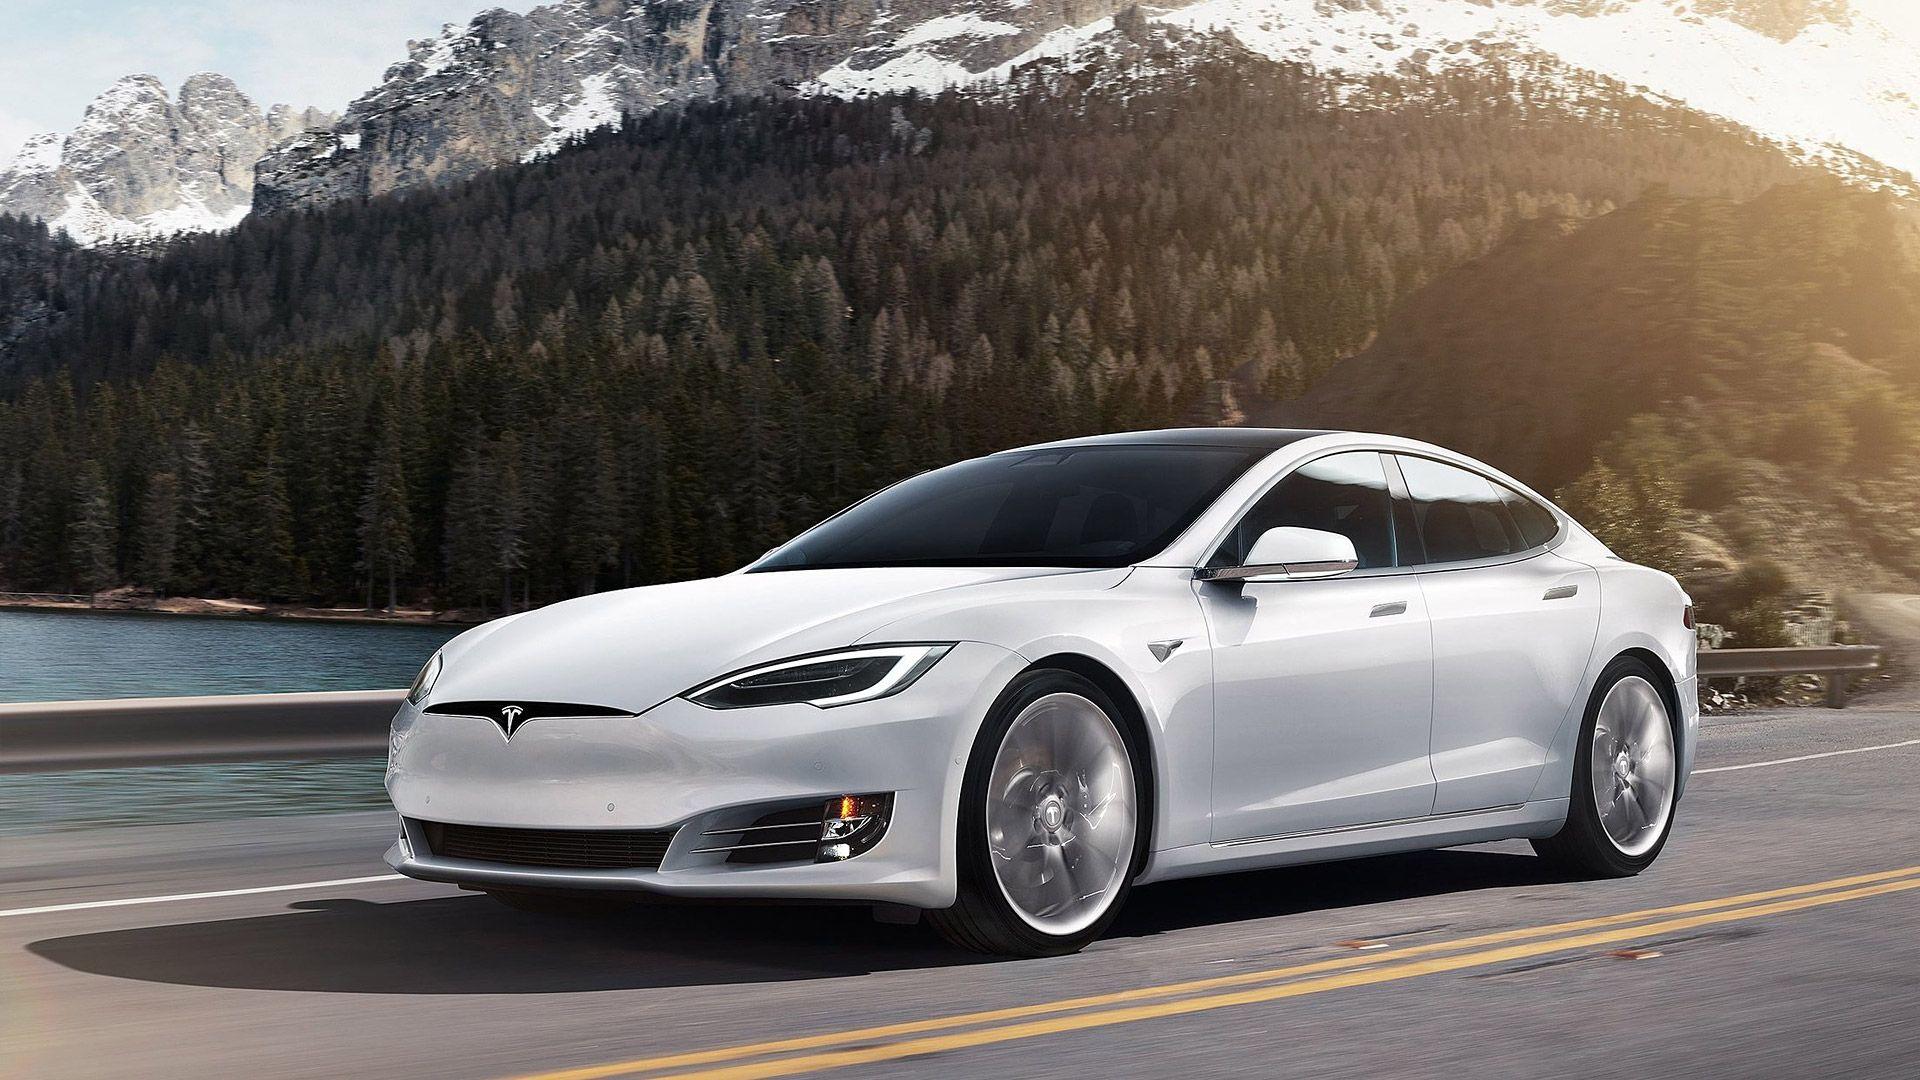 Tesla Model S Wallpapers   Top Tesla Model S Backgrounds 1920x1080